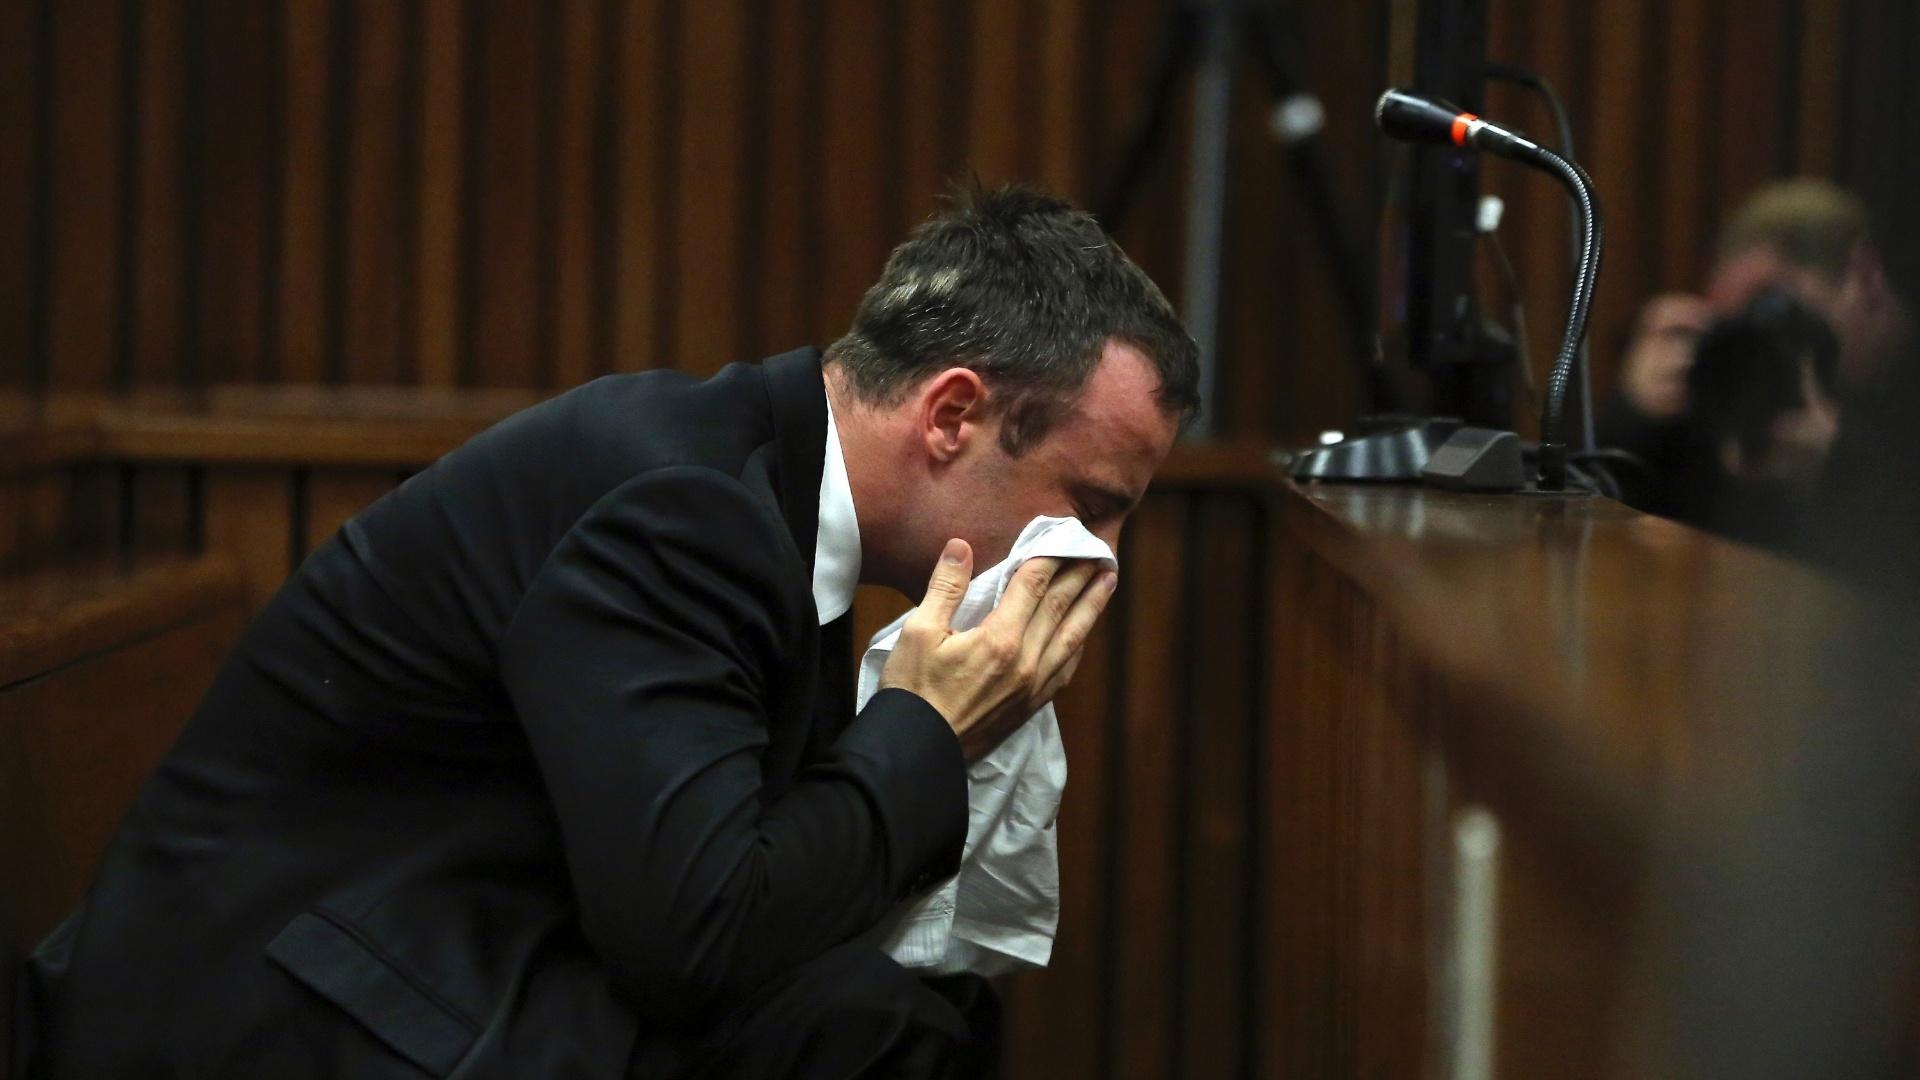 7.abr.2014 - Na retomada do julgamento do atleta paralímpico sul-africano Oscar Pistorius nesta segunda-feira (7), em Pretória, na África do Sul, ele pediu desculpas a família da namorada da qual é acusado de assassinato. O atleta de 27 anos se defende da acusação e afirma que a confundiu com um ladrão. Não existem testemunhas do fato